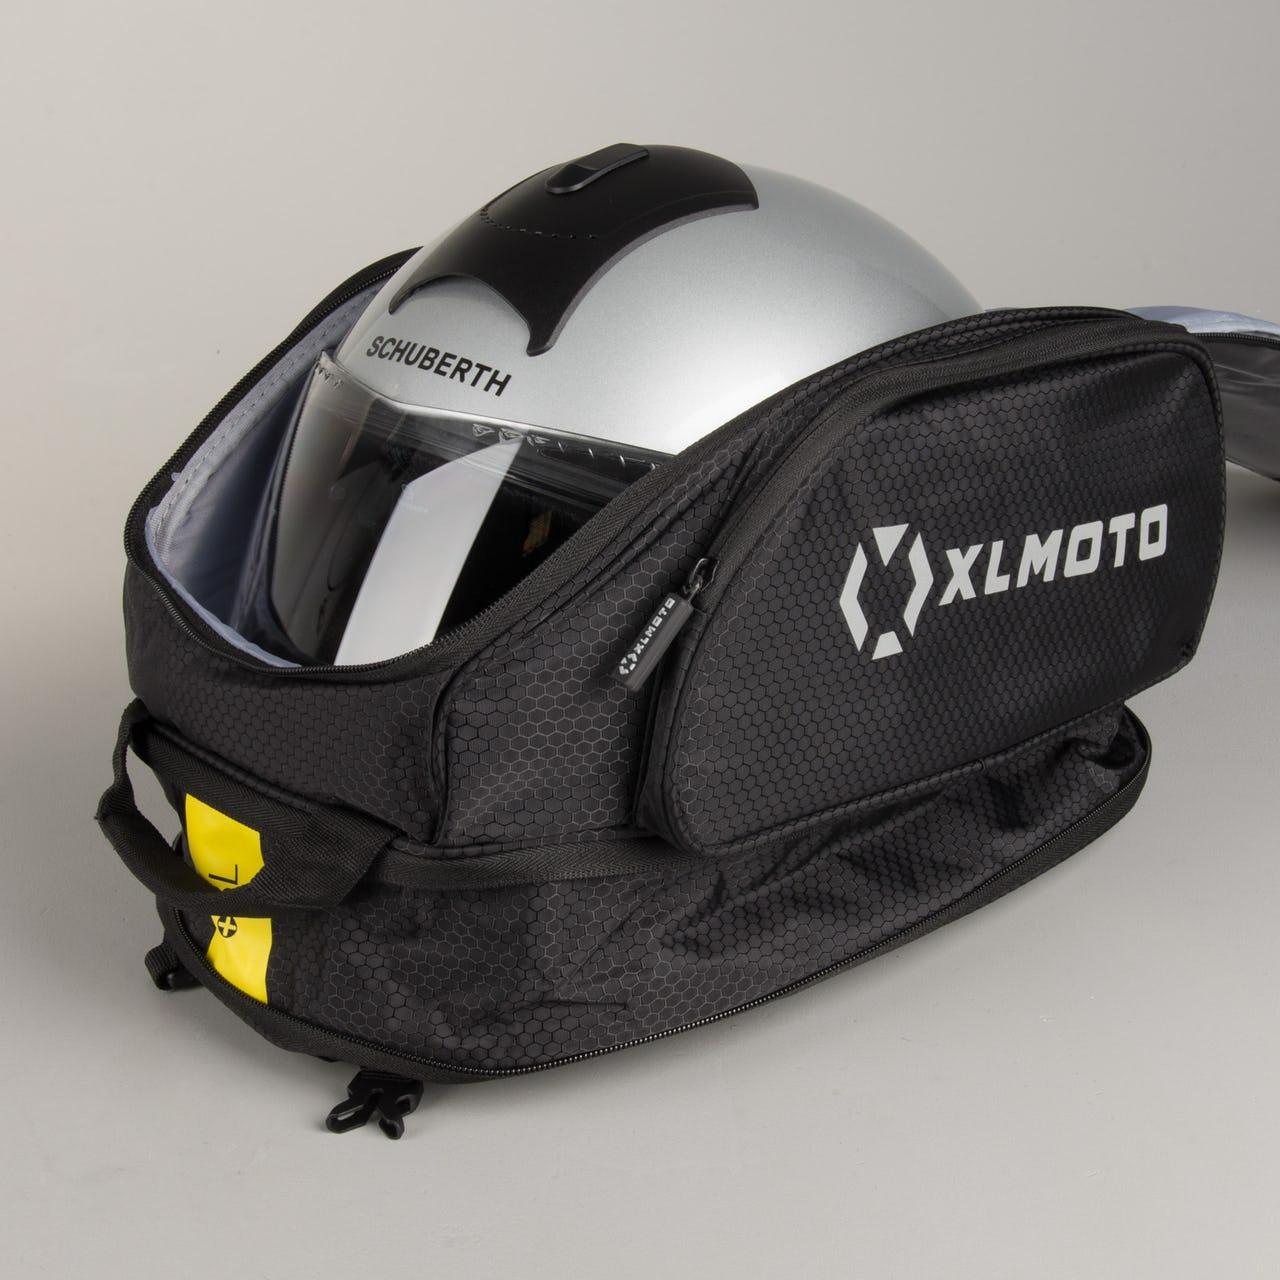 [XLmoto] Tankrucksack (20 + 8 Liter) - Tanktasche - auch als Rucksack verwendbar